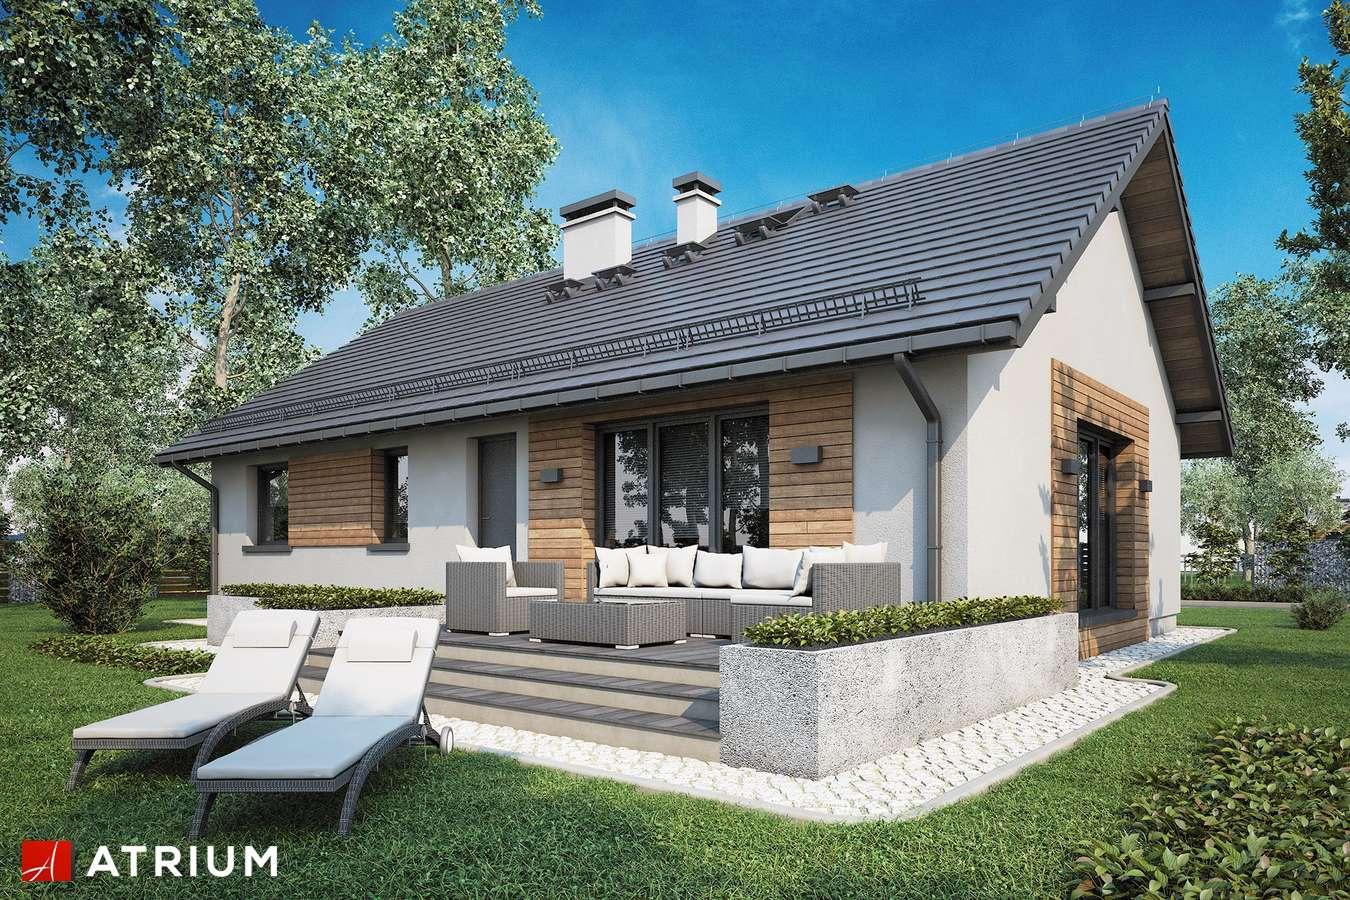 Projekty domów - Projekt domu parterowego AURORA II SZ - wizualizacja 2 - wersja lustrzana